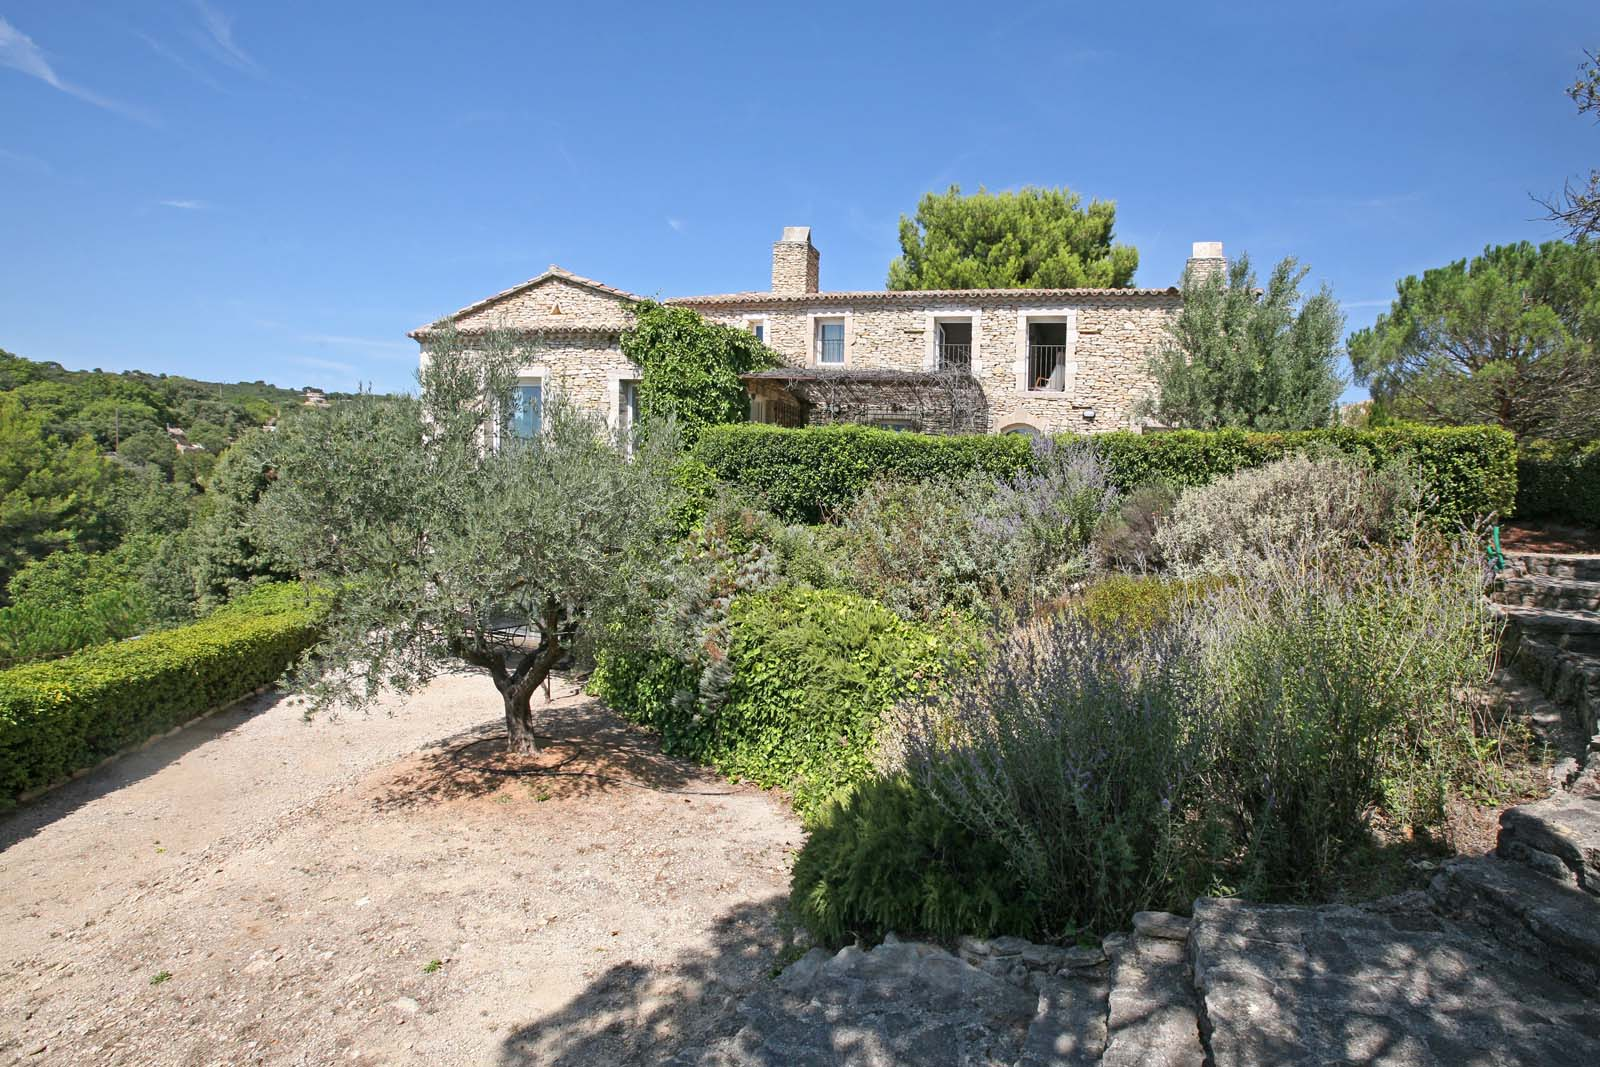 A vendre sur Gordes, accès au village à pied, propriété avec piscine et vues